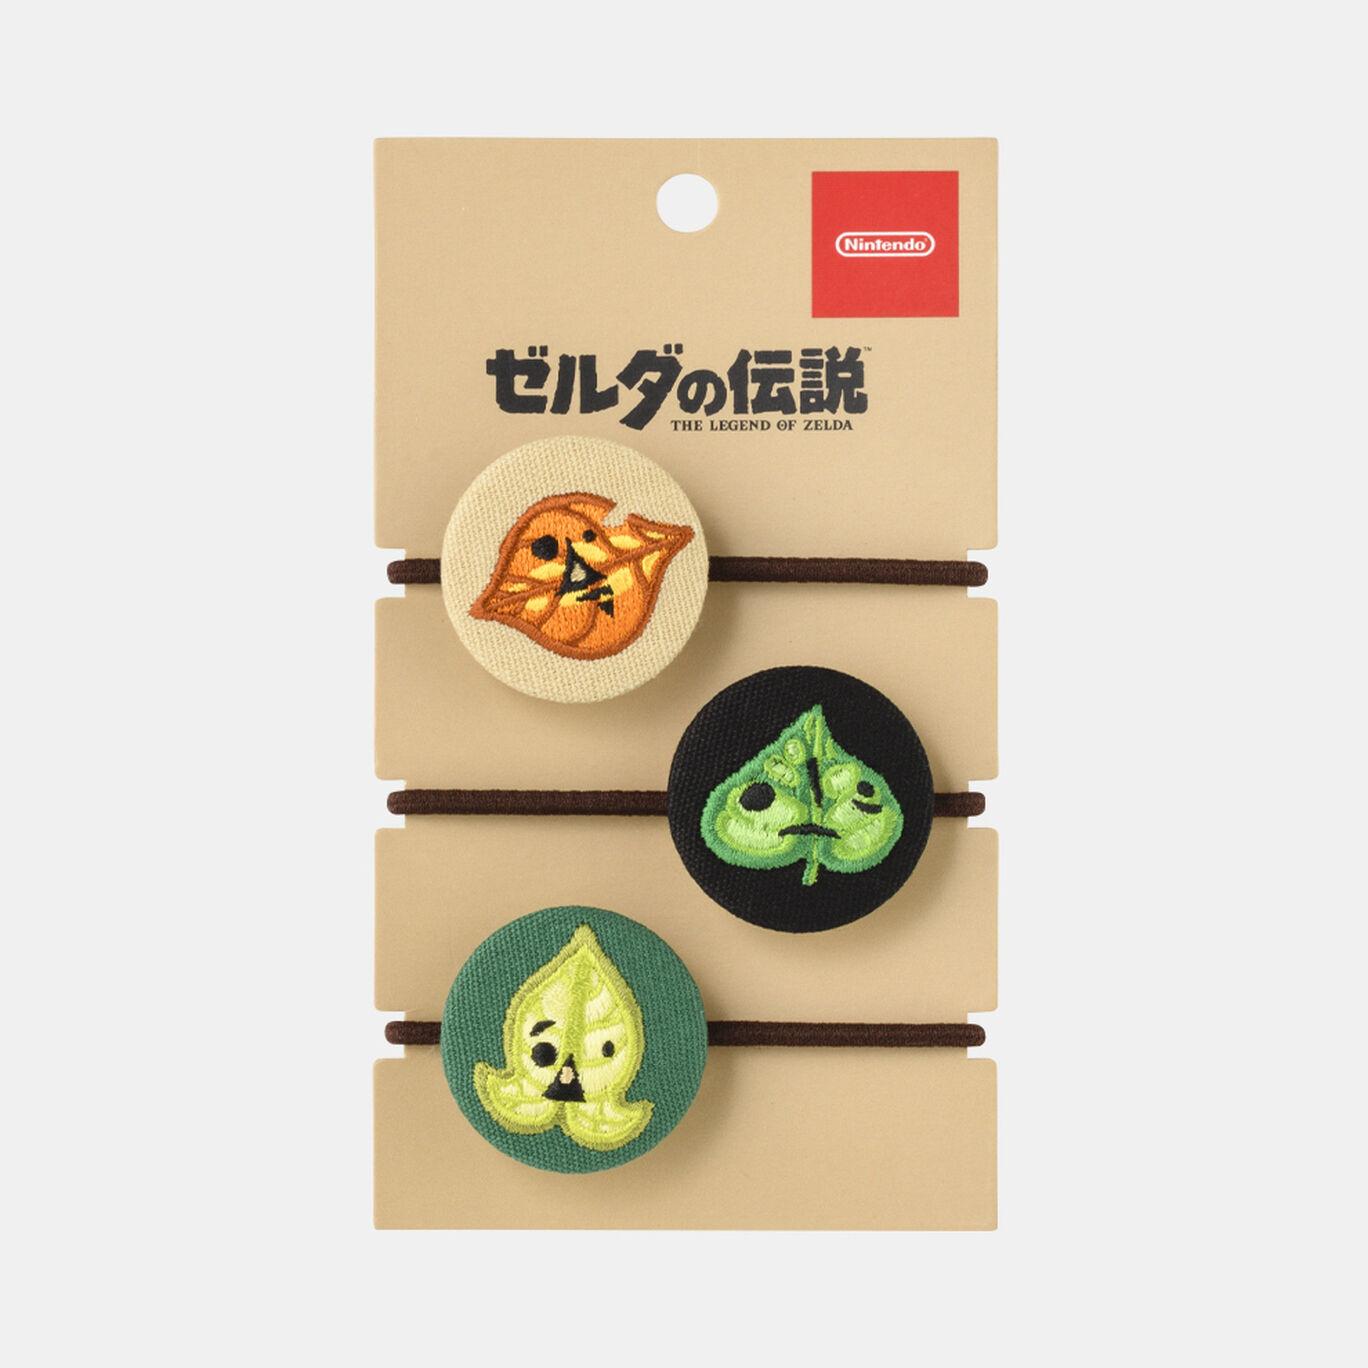 【新商品】コログのくるみボタンヘアゴムセット ゼルダの伝説【Nintendo TOKYO取り扱い商品】